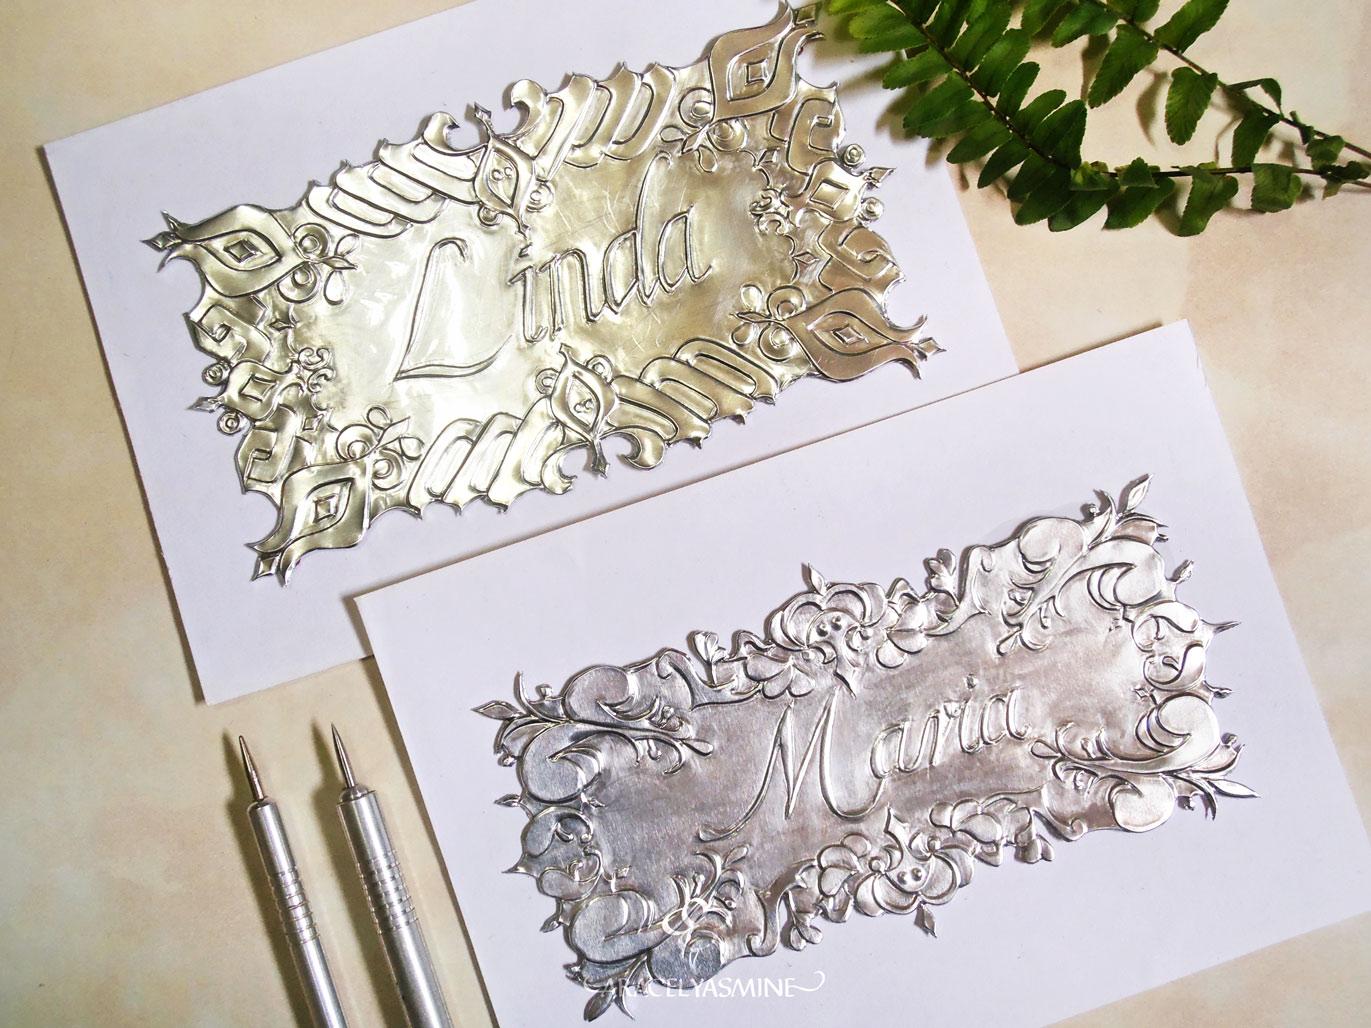 ¿Cómo repujar nombres en aluminio?